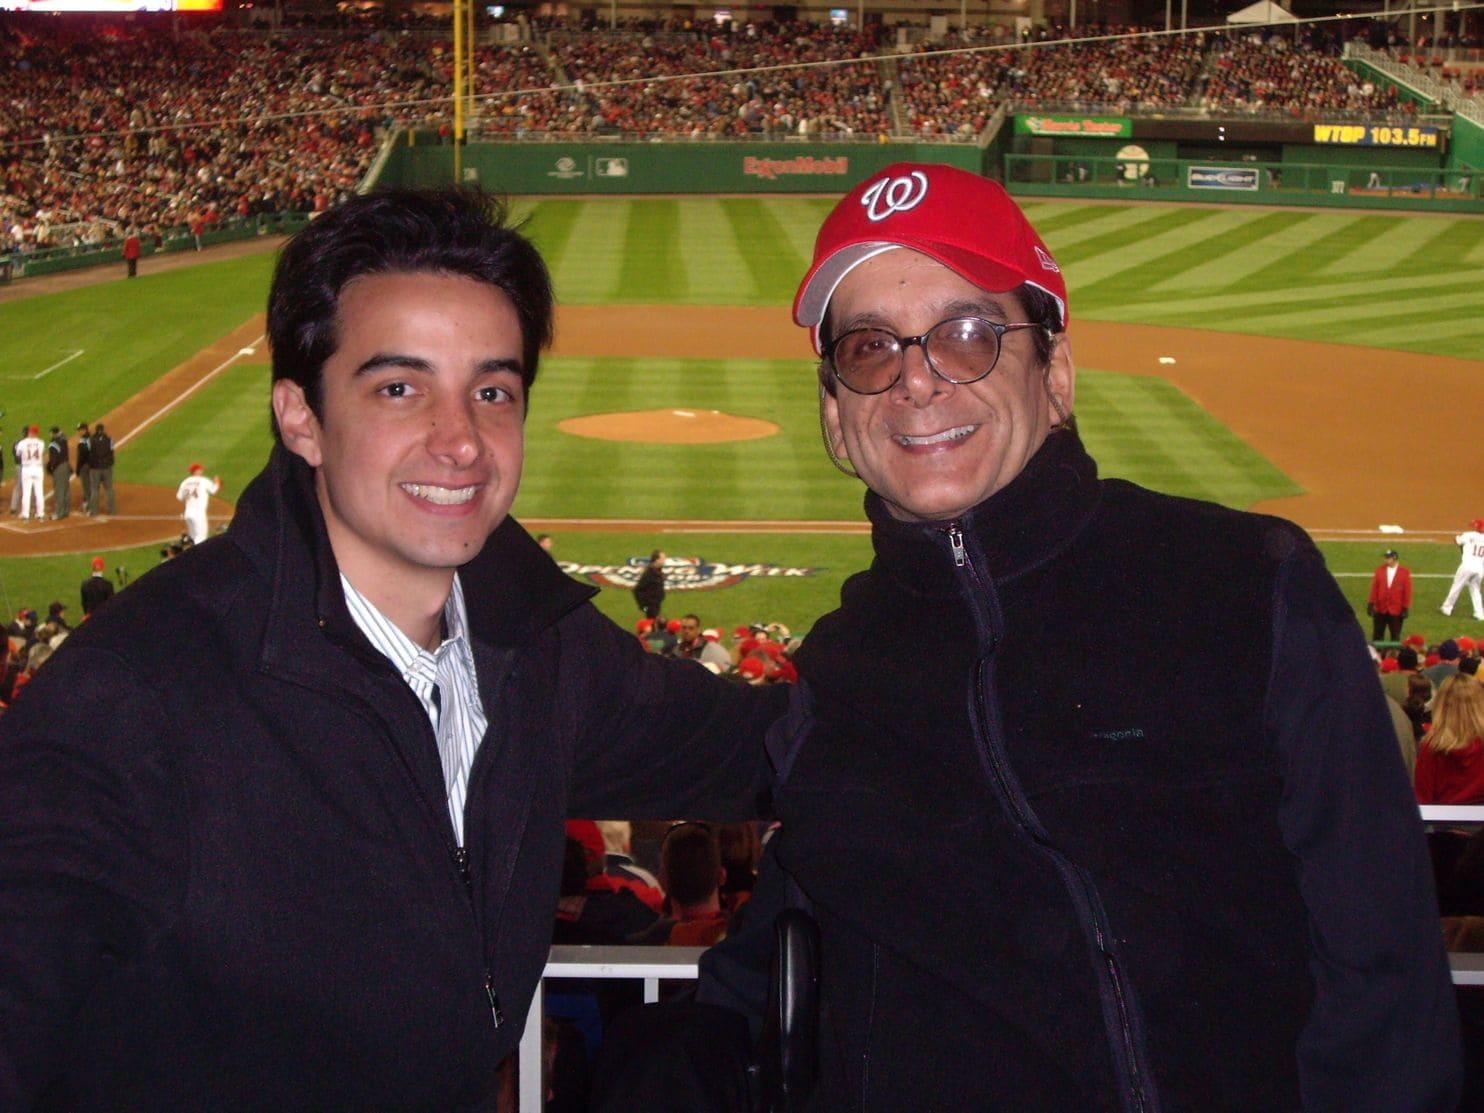 Daniel and Charles at a baseball